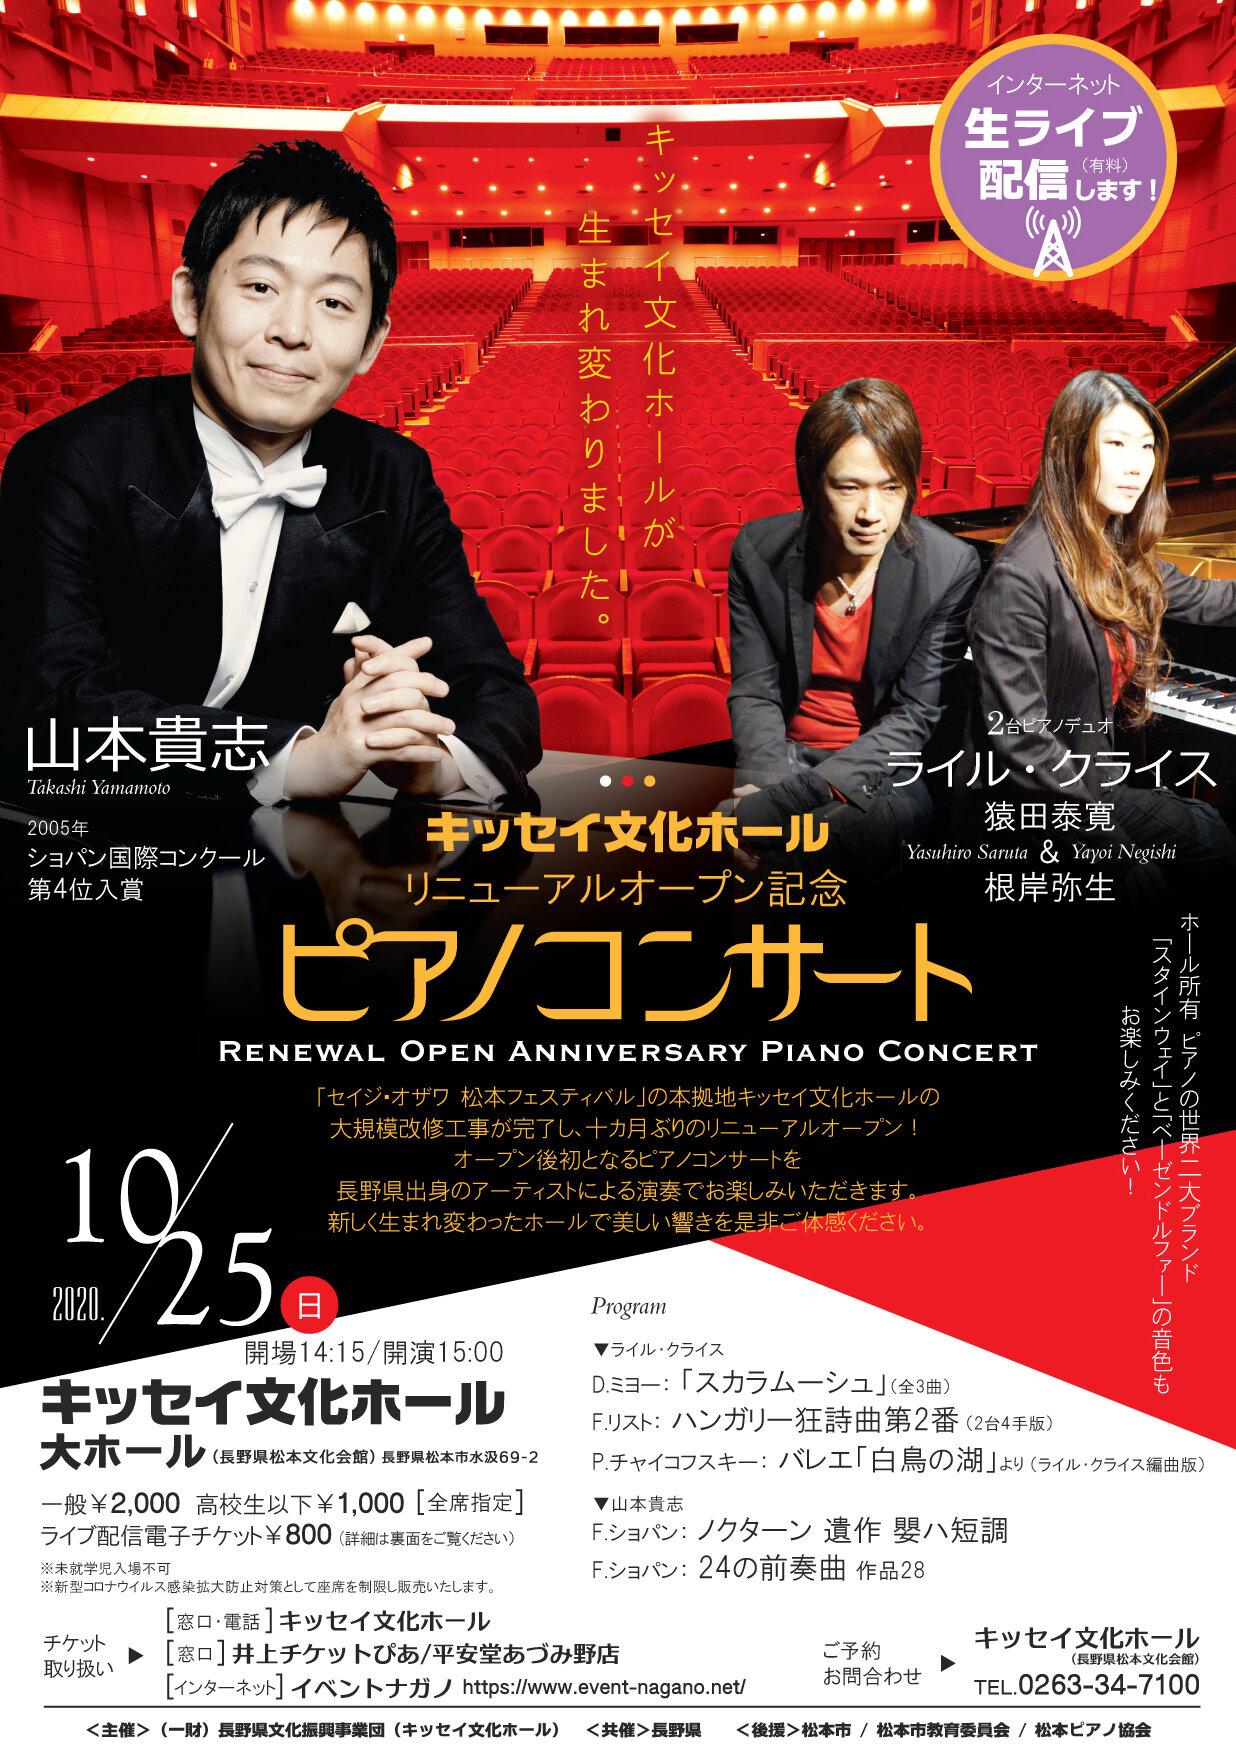 ピアノコンサート 【ライブ配信】